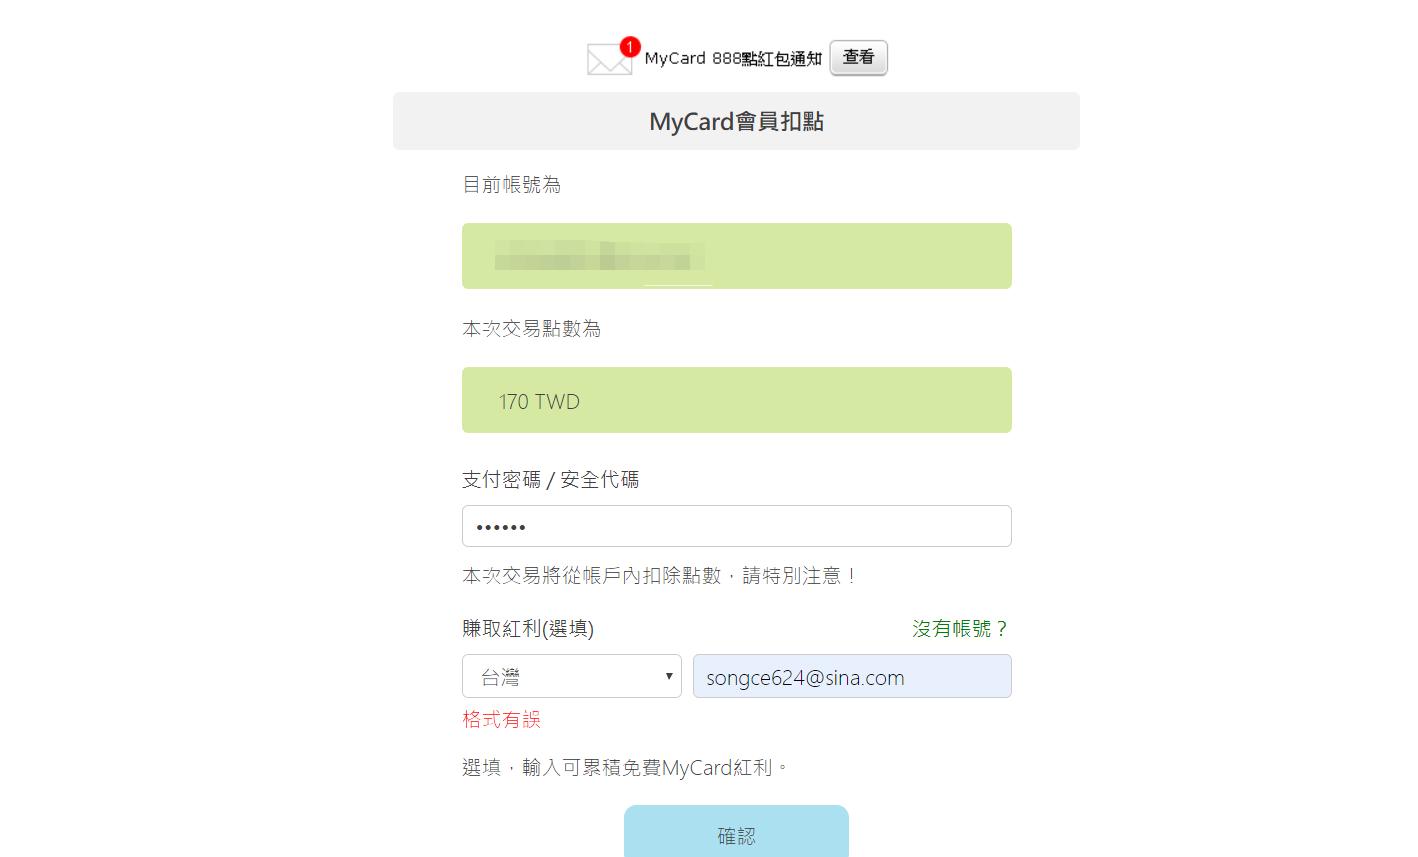 Mycard儲值活動詳細流程指南-使用mycard付费2.png